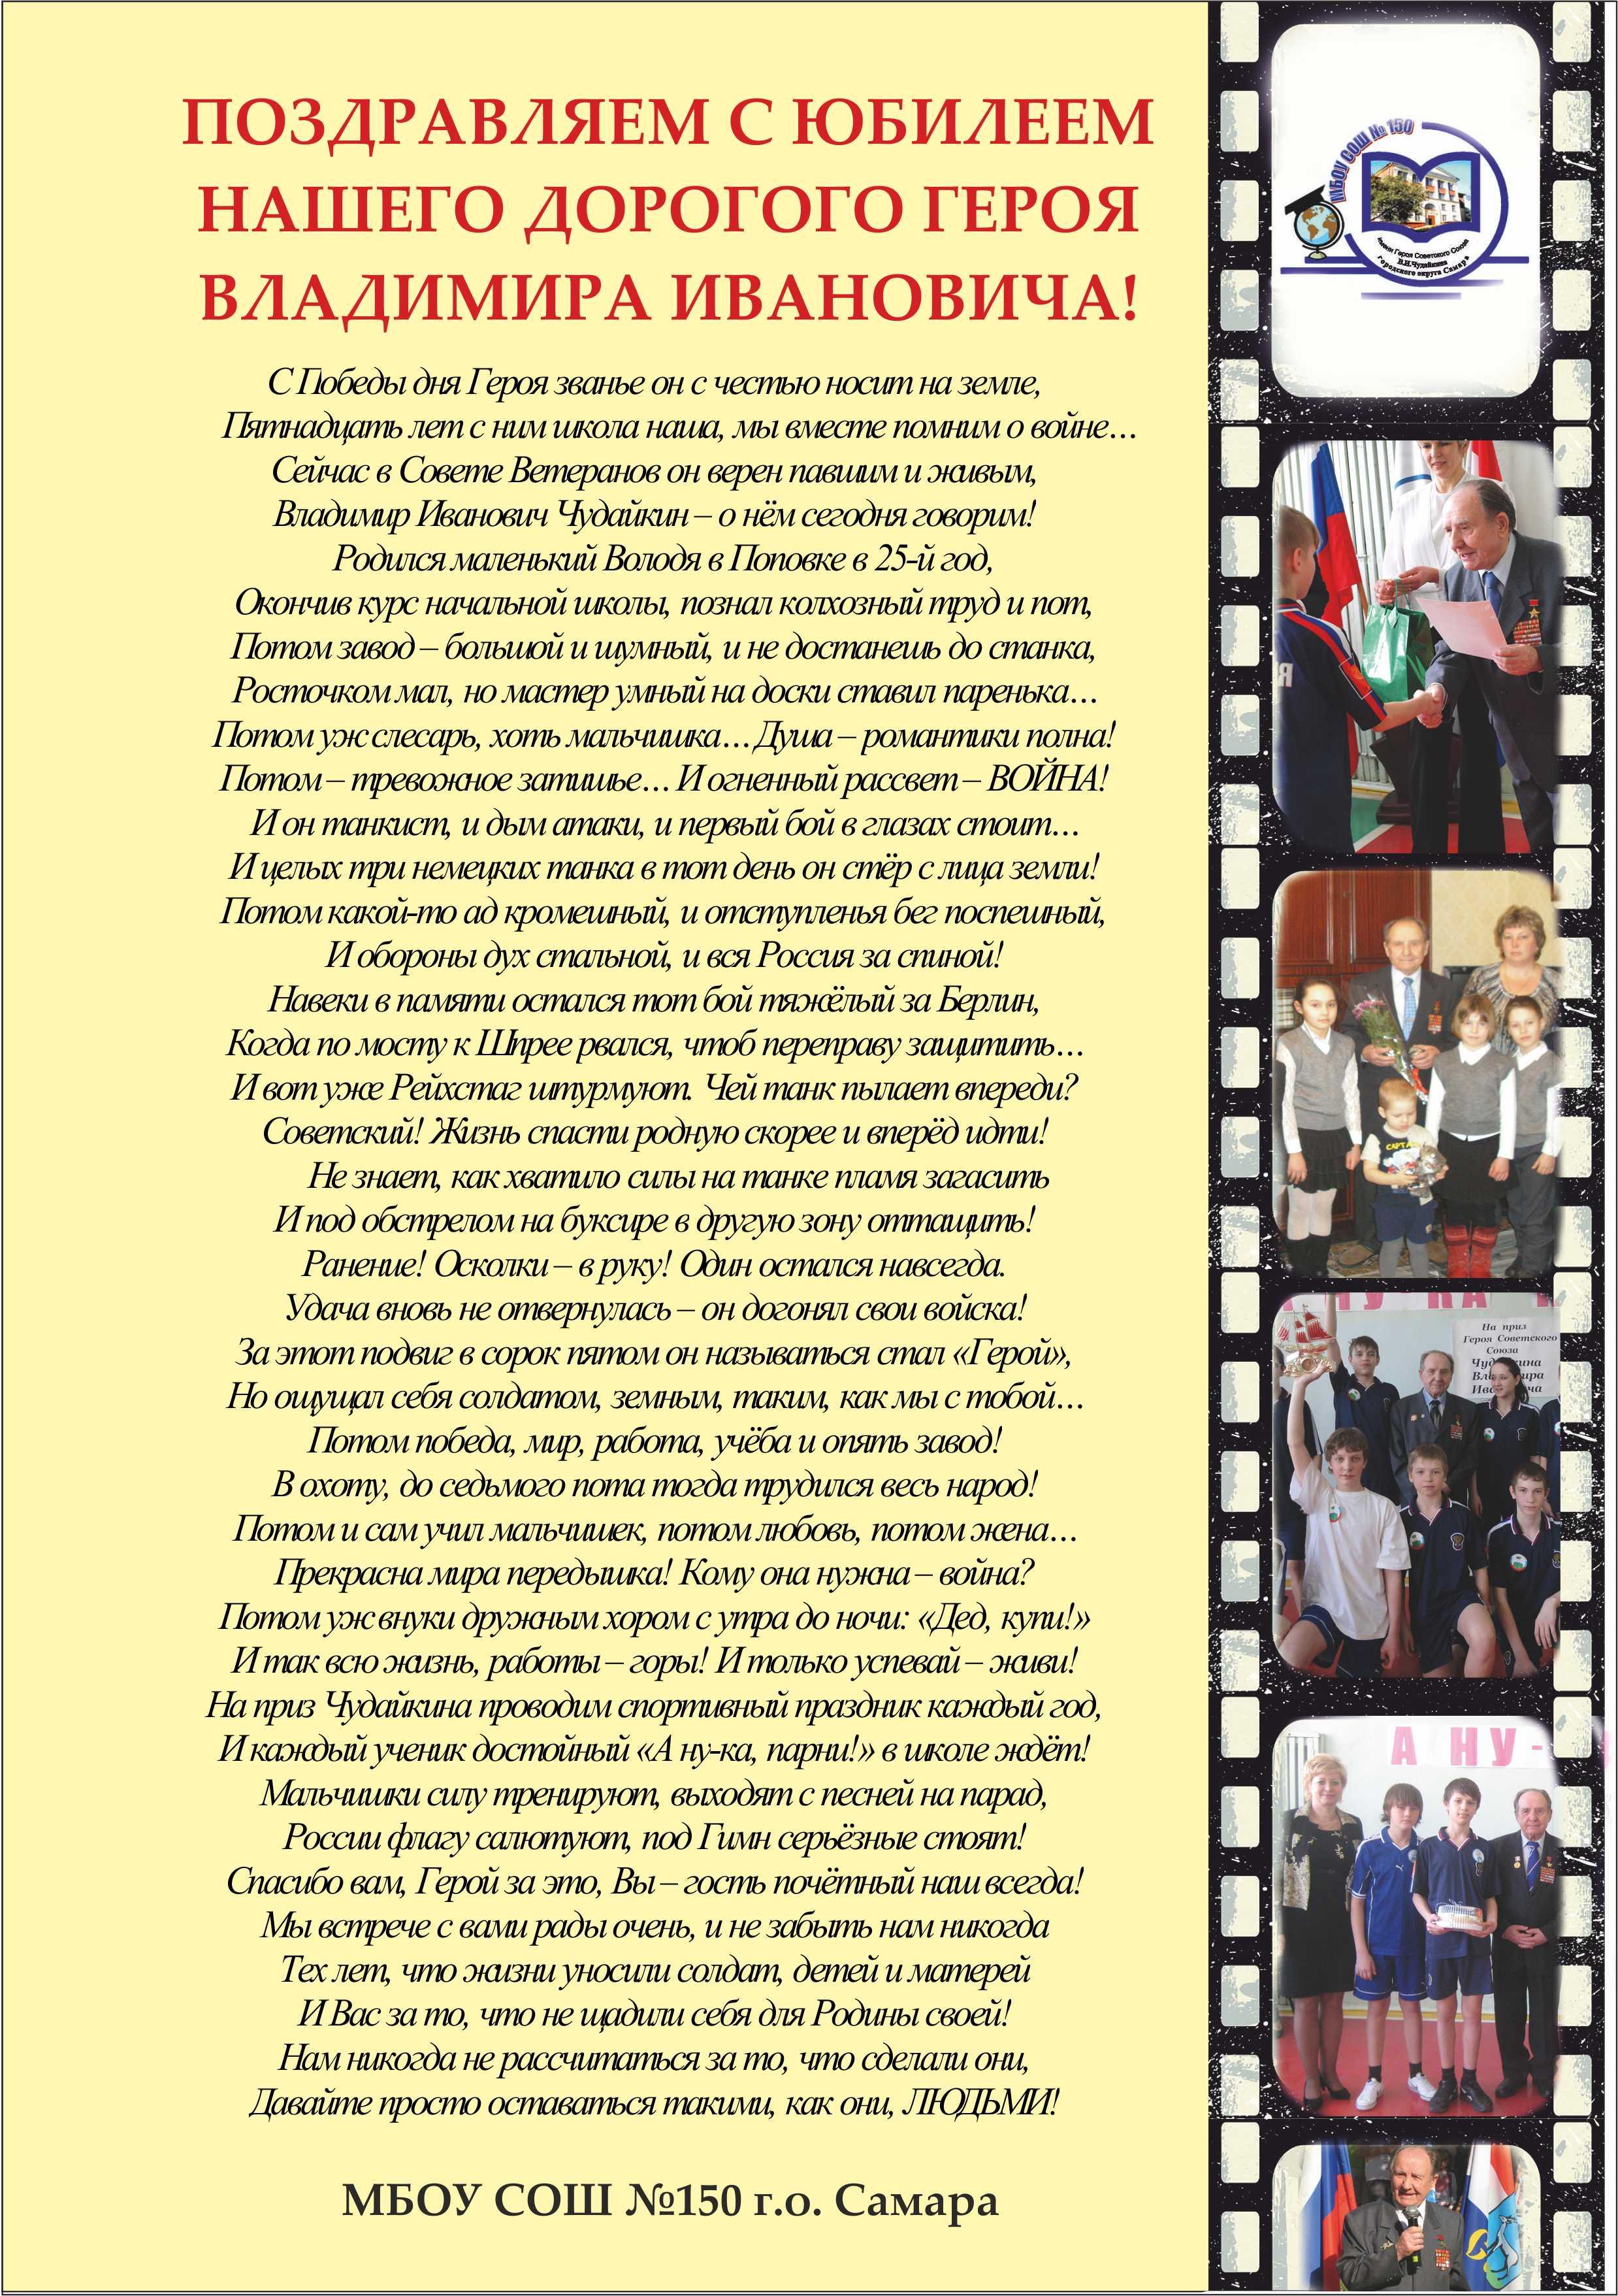 Представление гостям на юбилее иностранных гостей шутка - 7я.ру 28